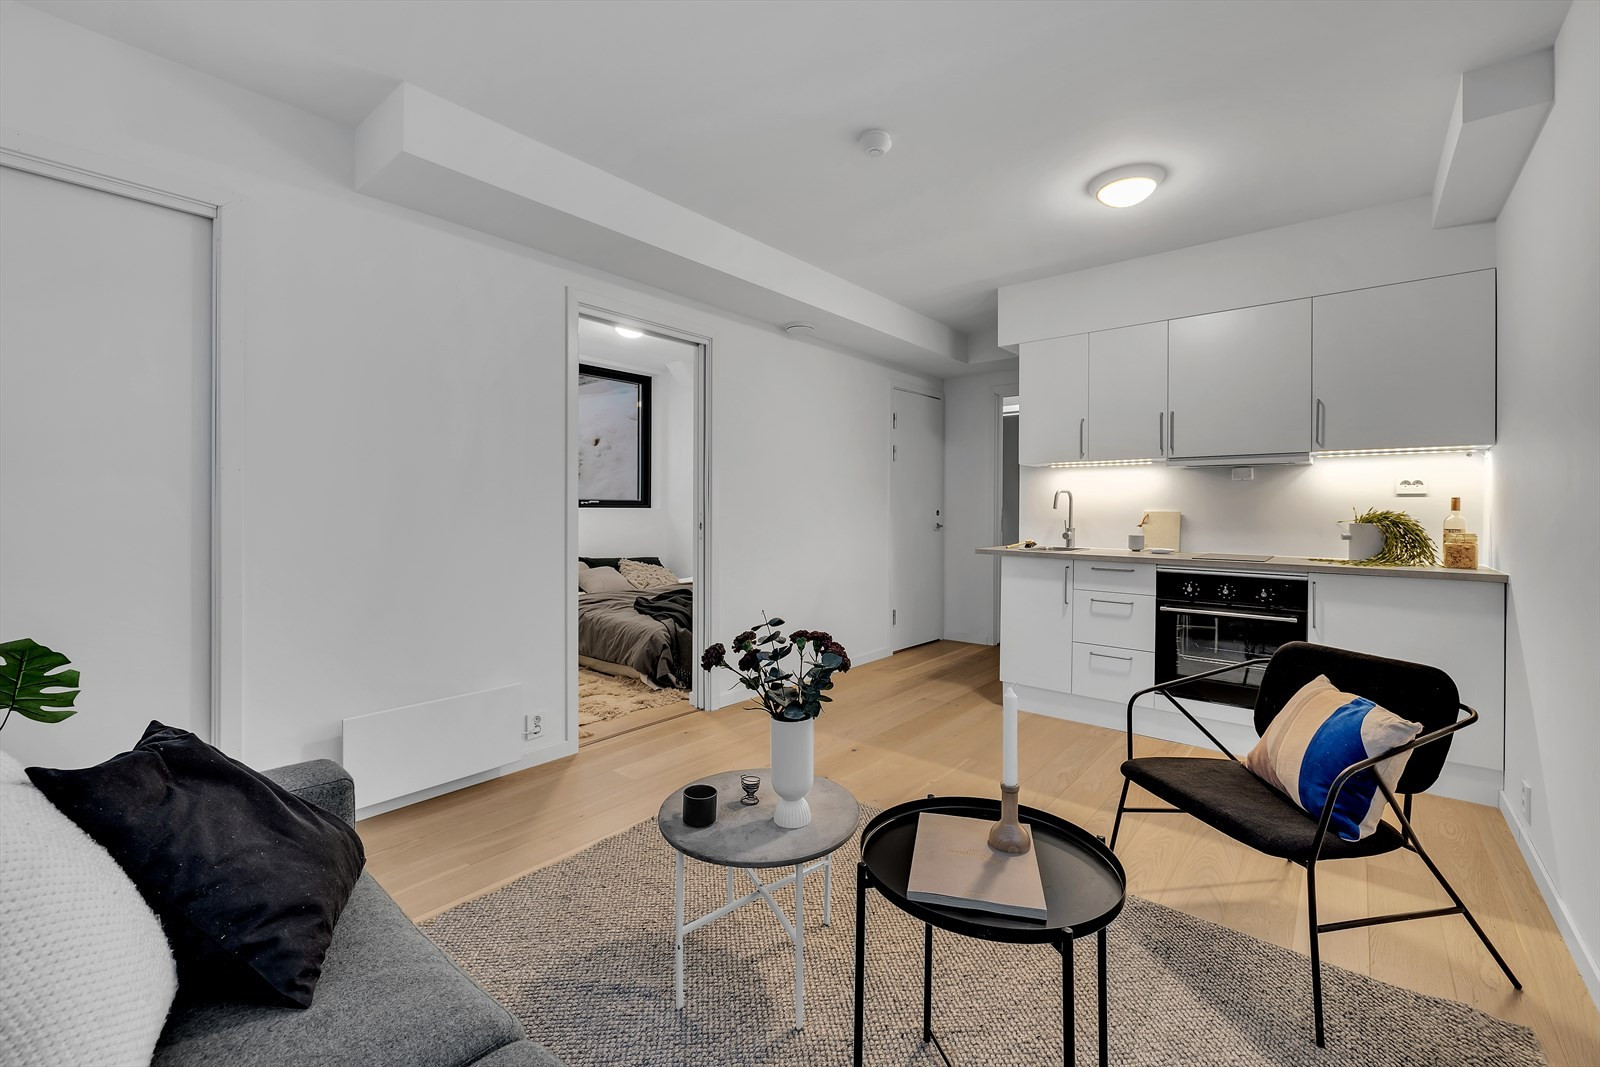 Stue med kjøkken i kjelleren - 3-roms leilighet kan leies ut eller brukes sammen med resten av huset.